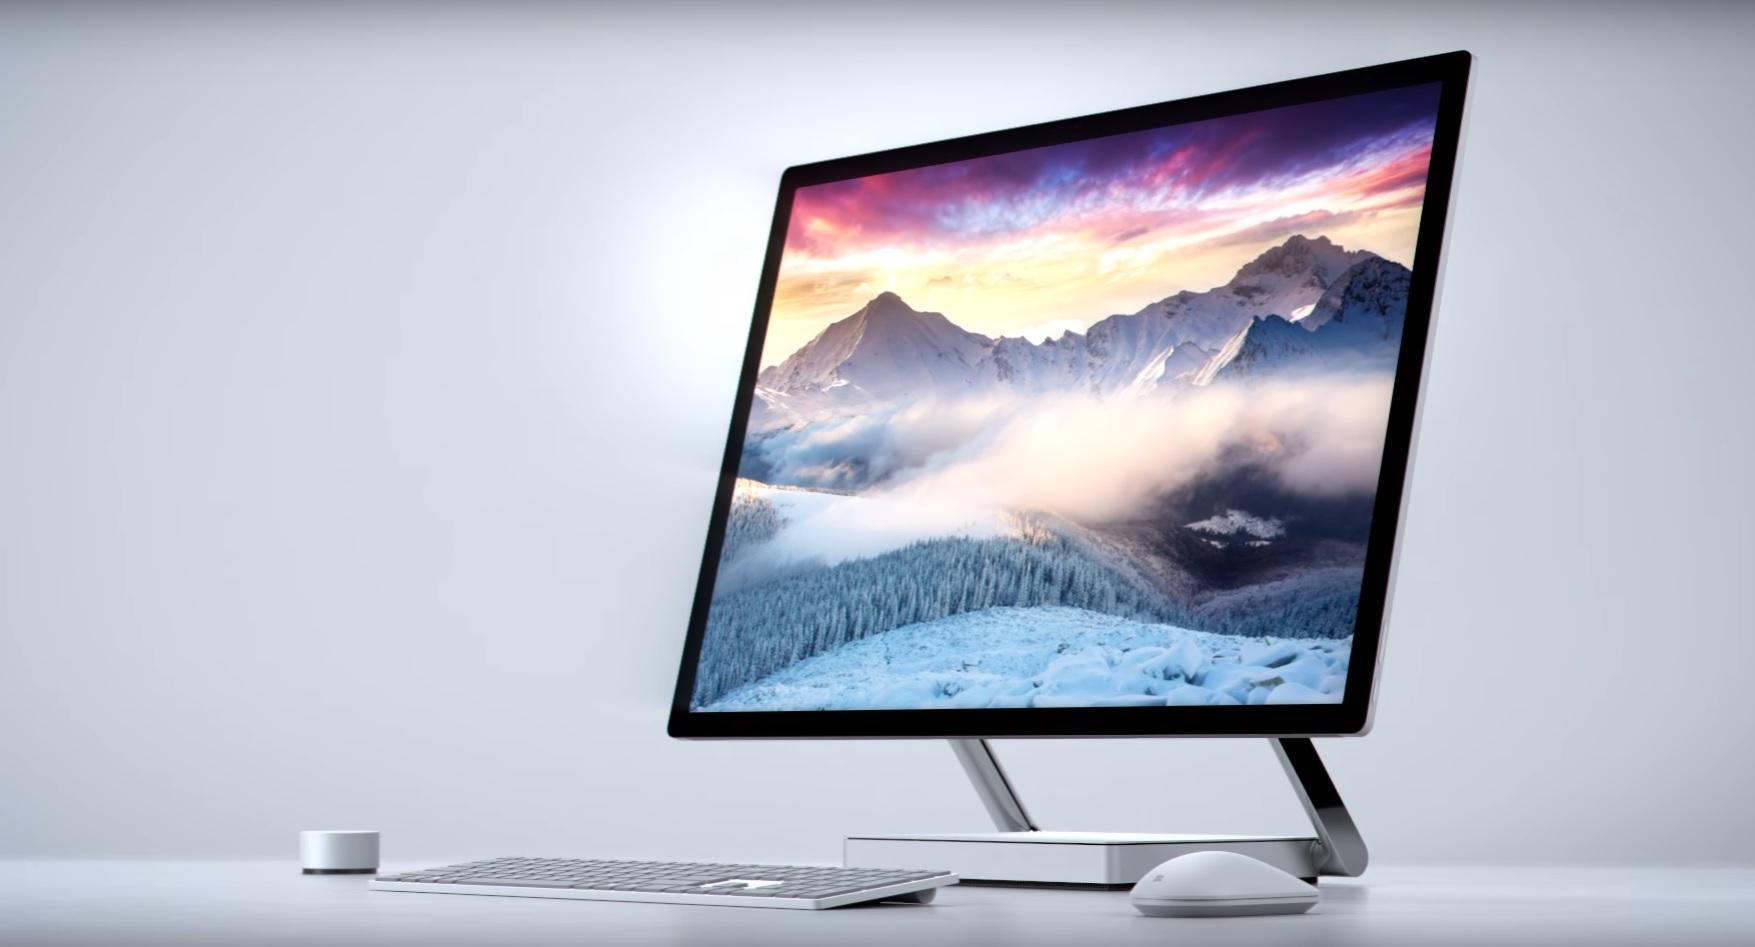 Microsoft lansează Surface Studio, primul PC all-in-one al companiei, în lupta cu iMac de la Apple